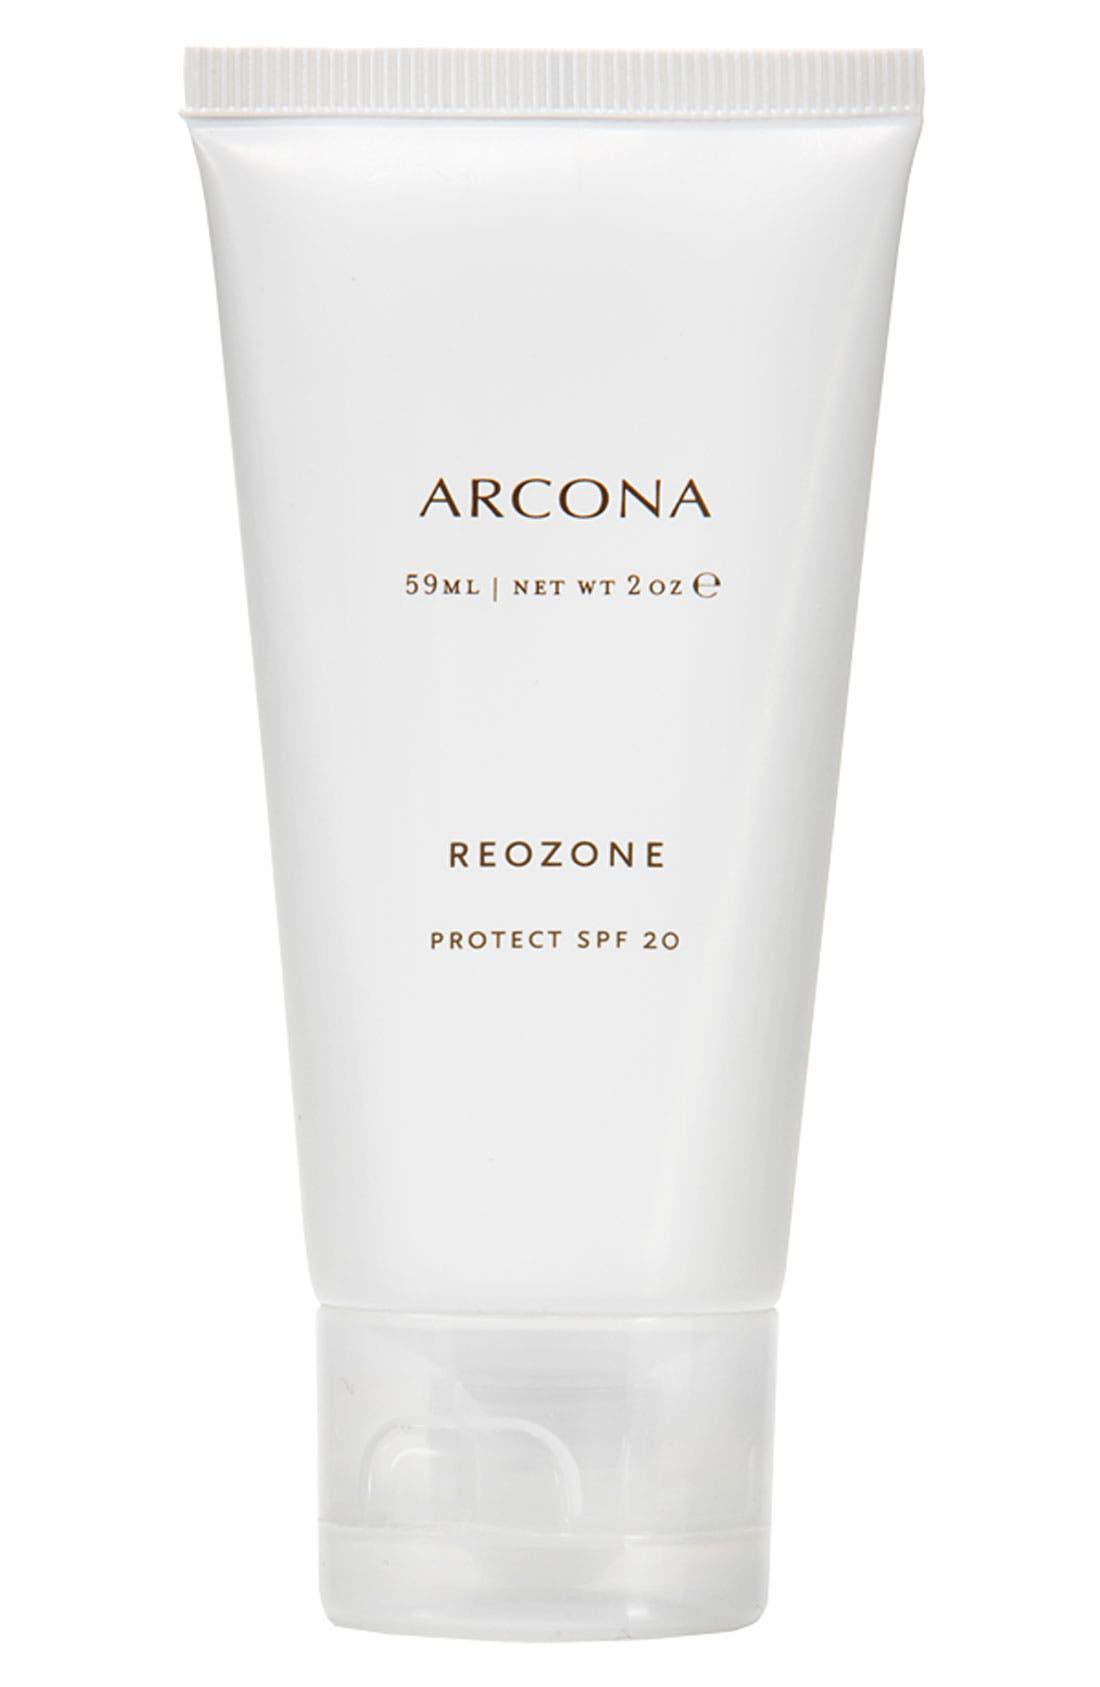 ARCONA Reozone Sunscreen SPF 20